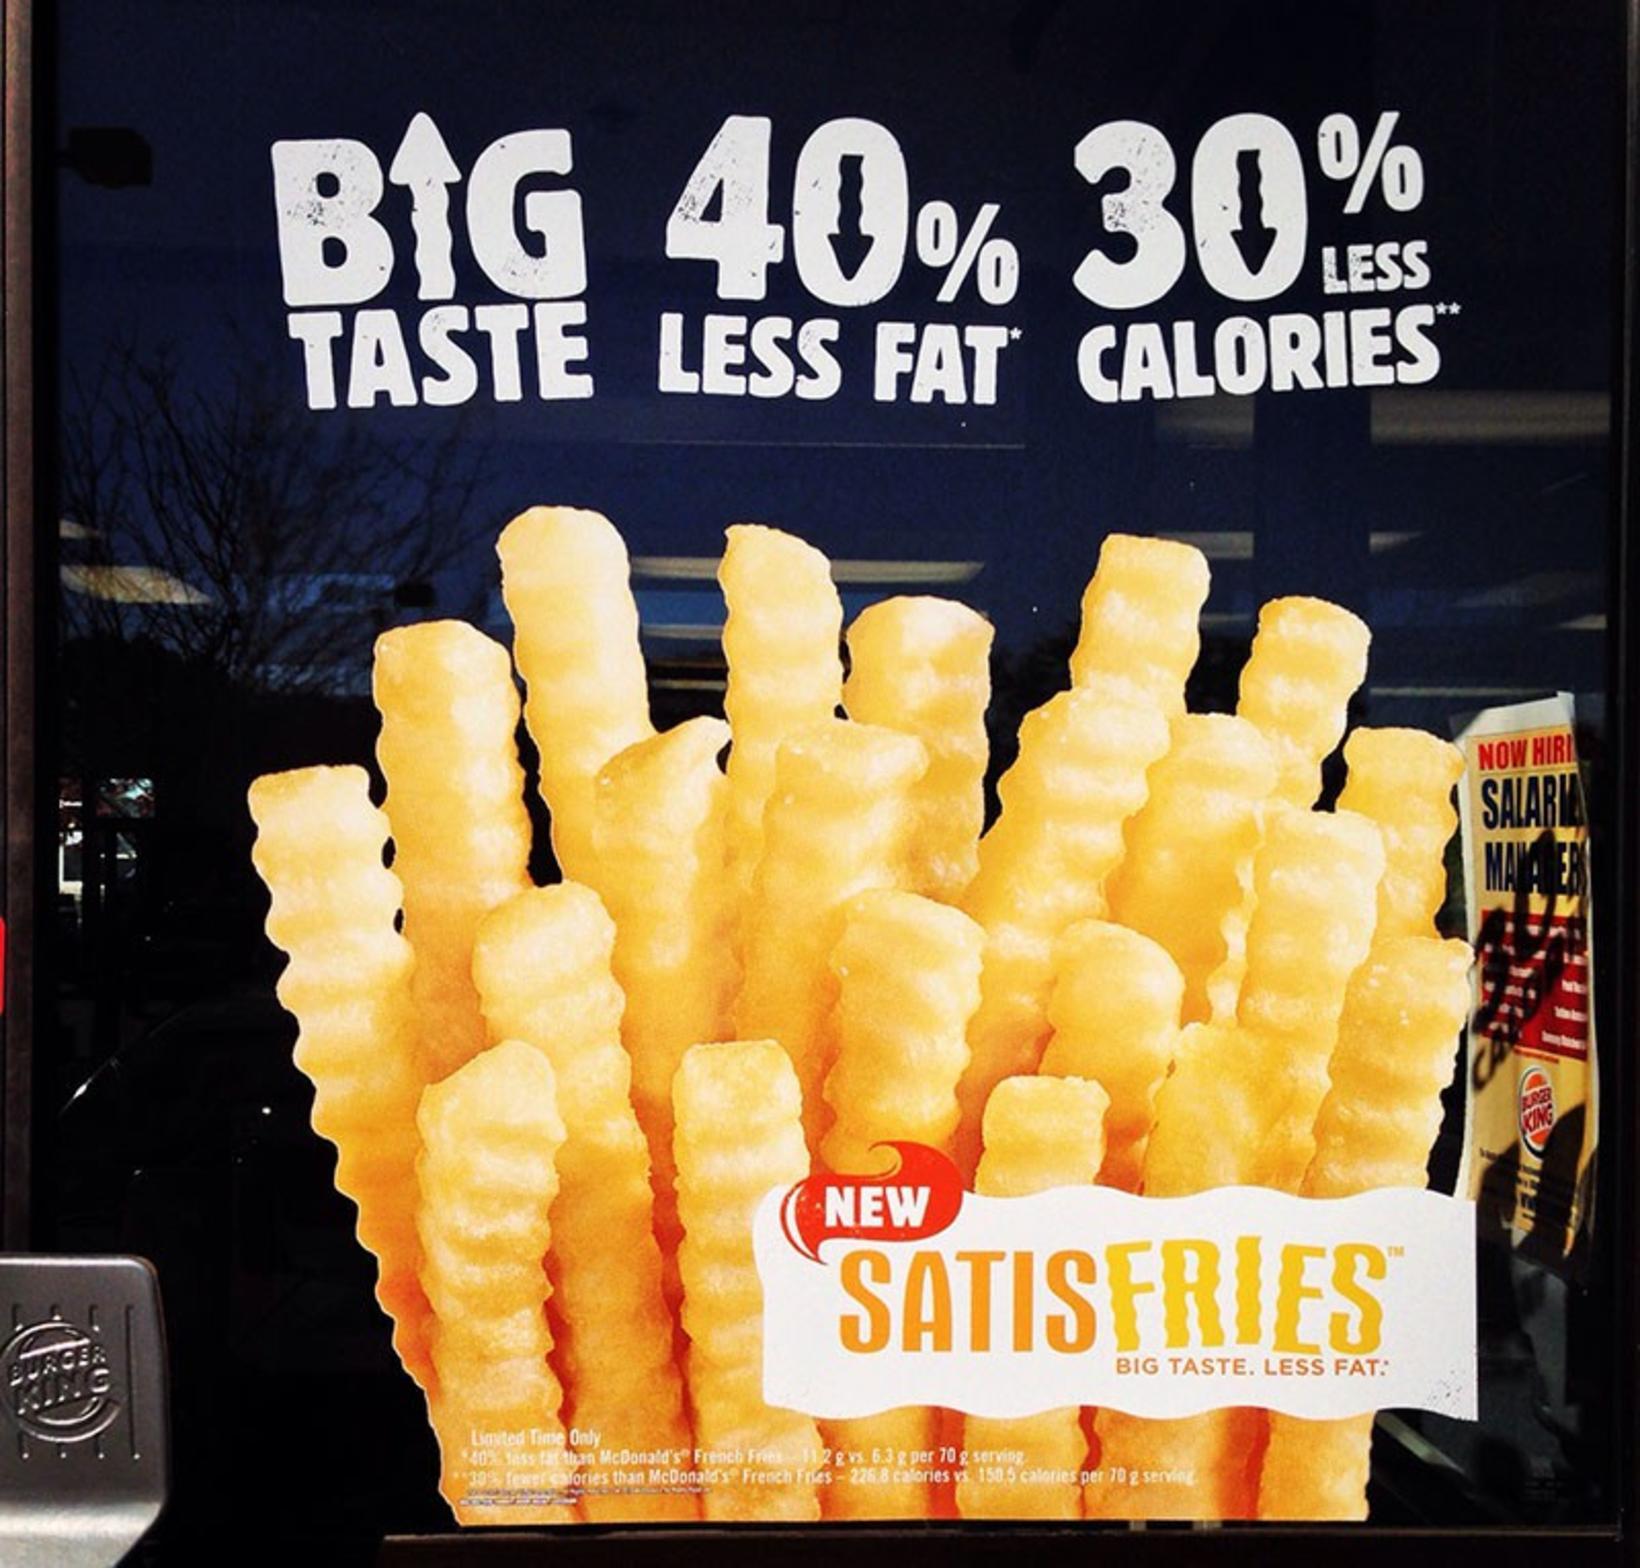 Satisfries franskarnar frá Big Mac floppuðu. Hugmyndin um hollar franskar ...